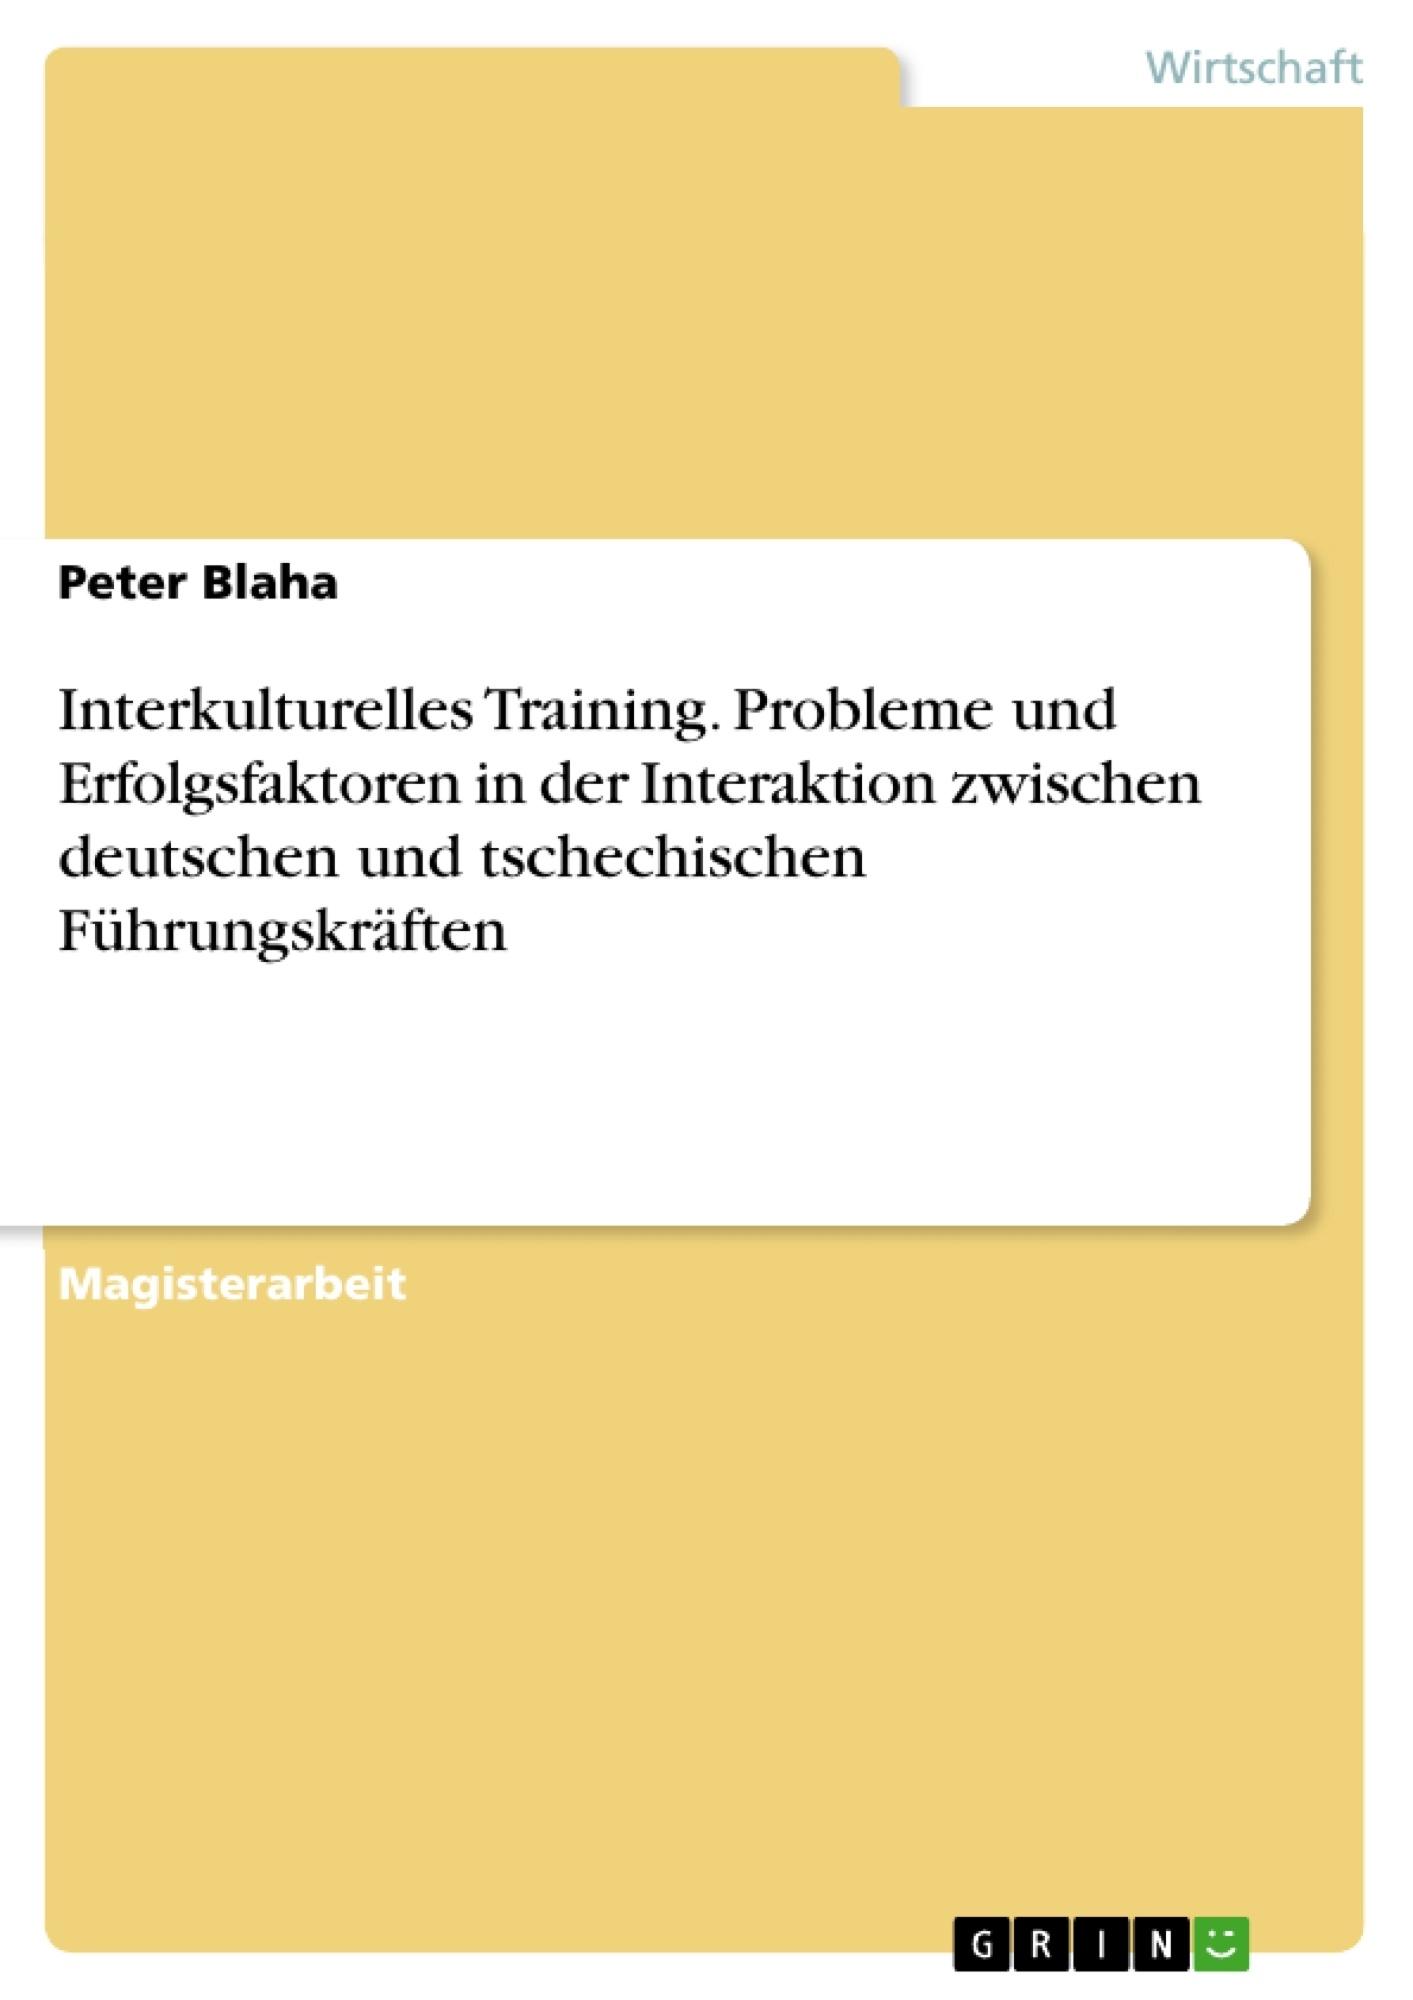 Titel: Interkulturelles Training. Probleme und Erfolgsfaktoren in der Interaktion zwischen deutschen und tschechischen Führungskräften